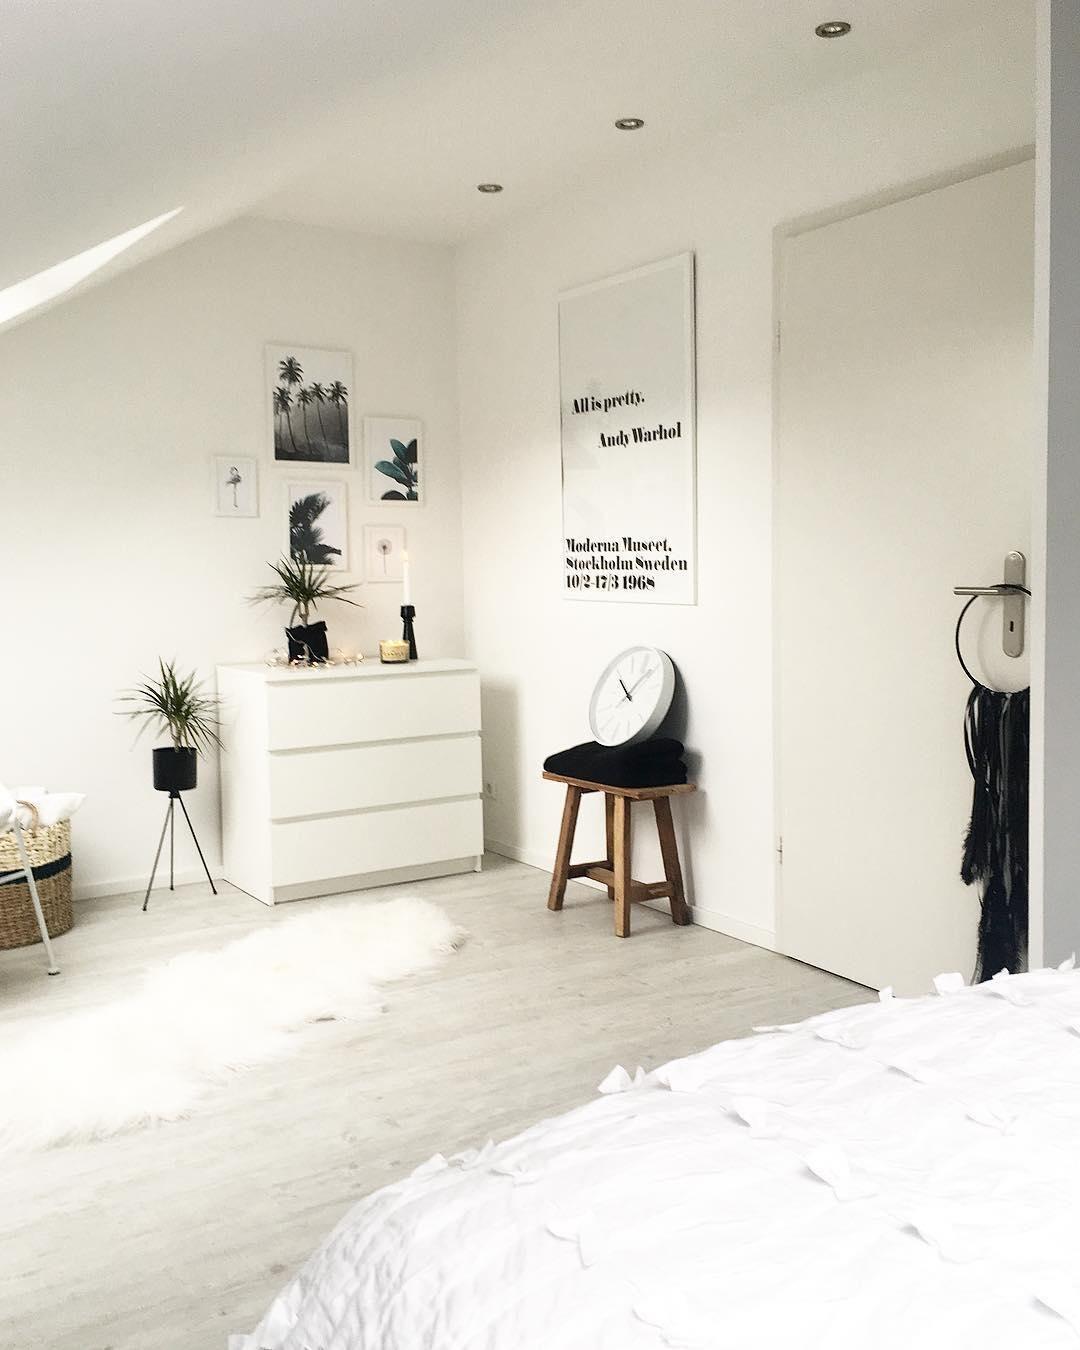 White Dreams! In Diesem Schlafzimmer Sind Ruhige Träume